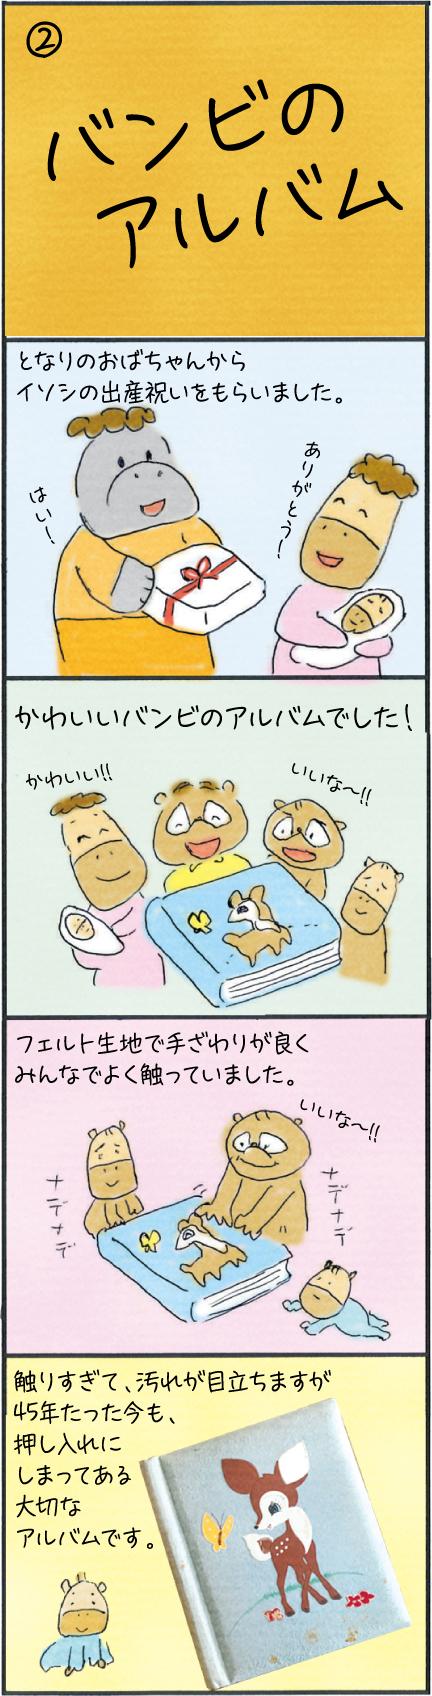 2banbi_200315.jpg